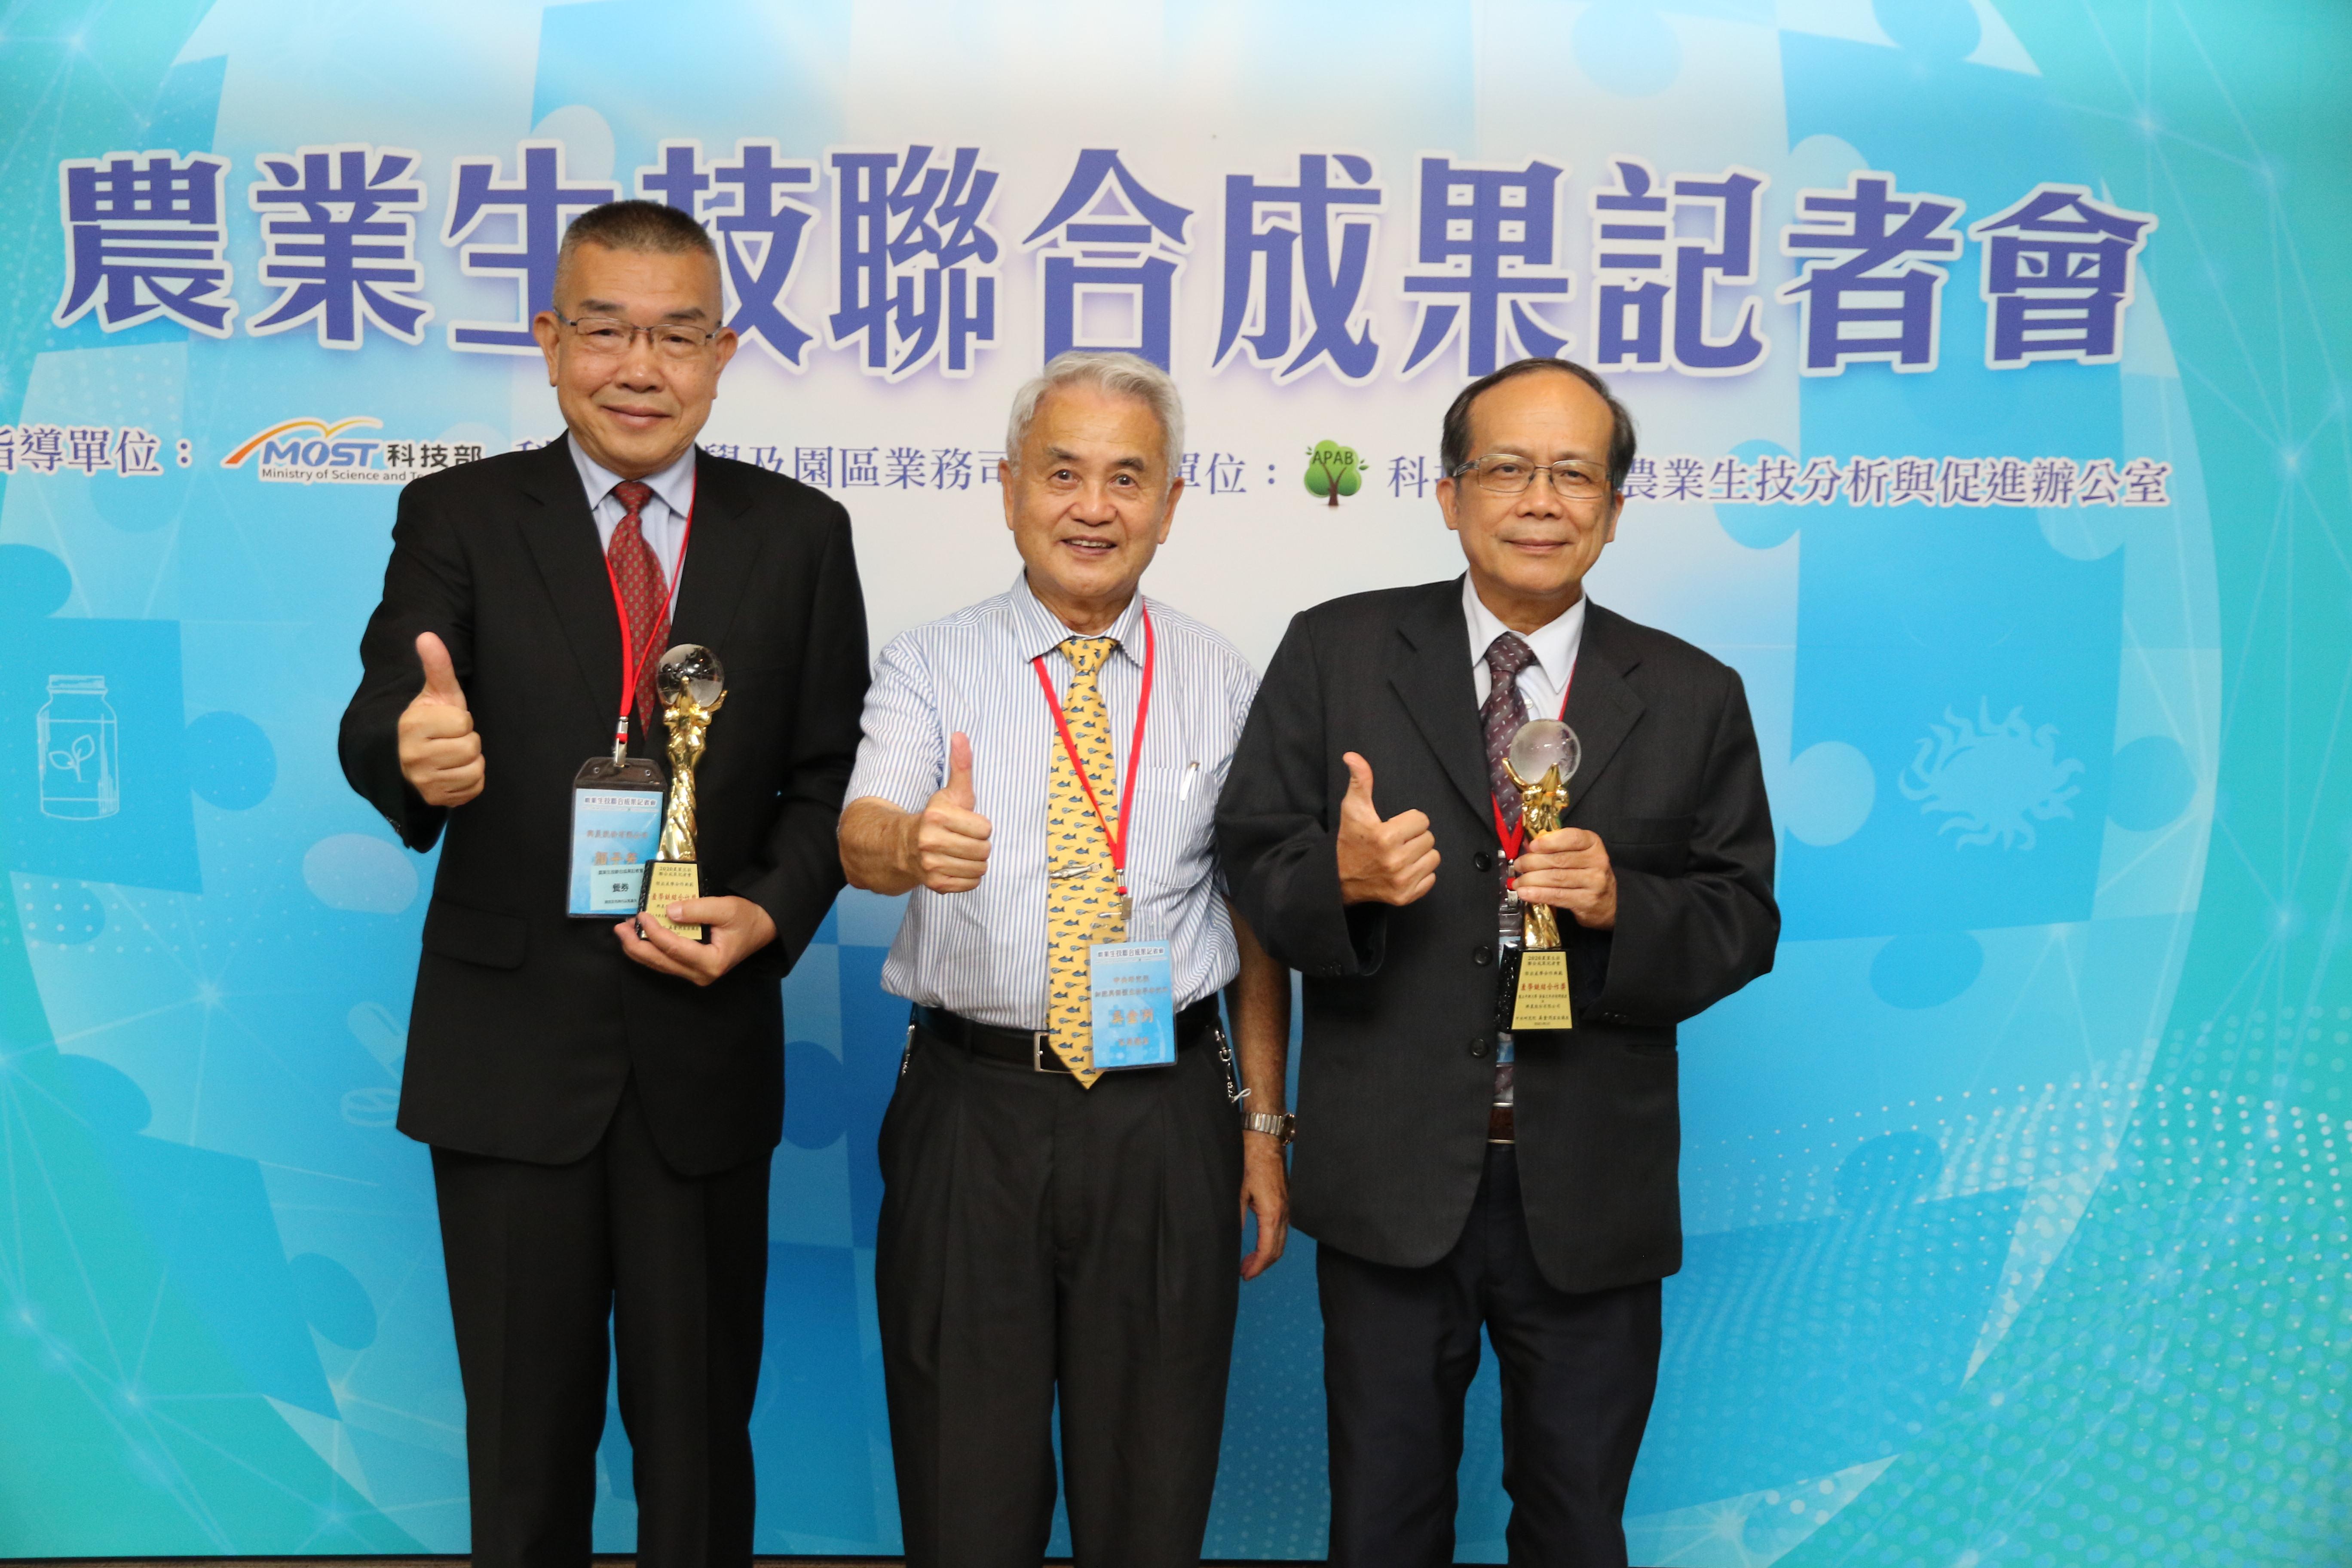 中興大學黃振文副校長(右)、興農公司顏子芳總經理(左)獲頒「產學鏈結合作獎」